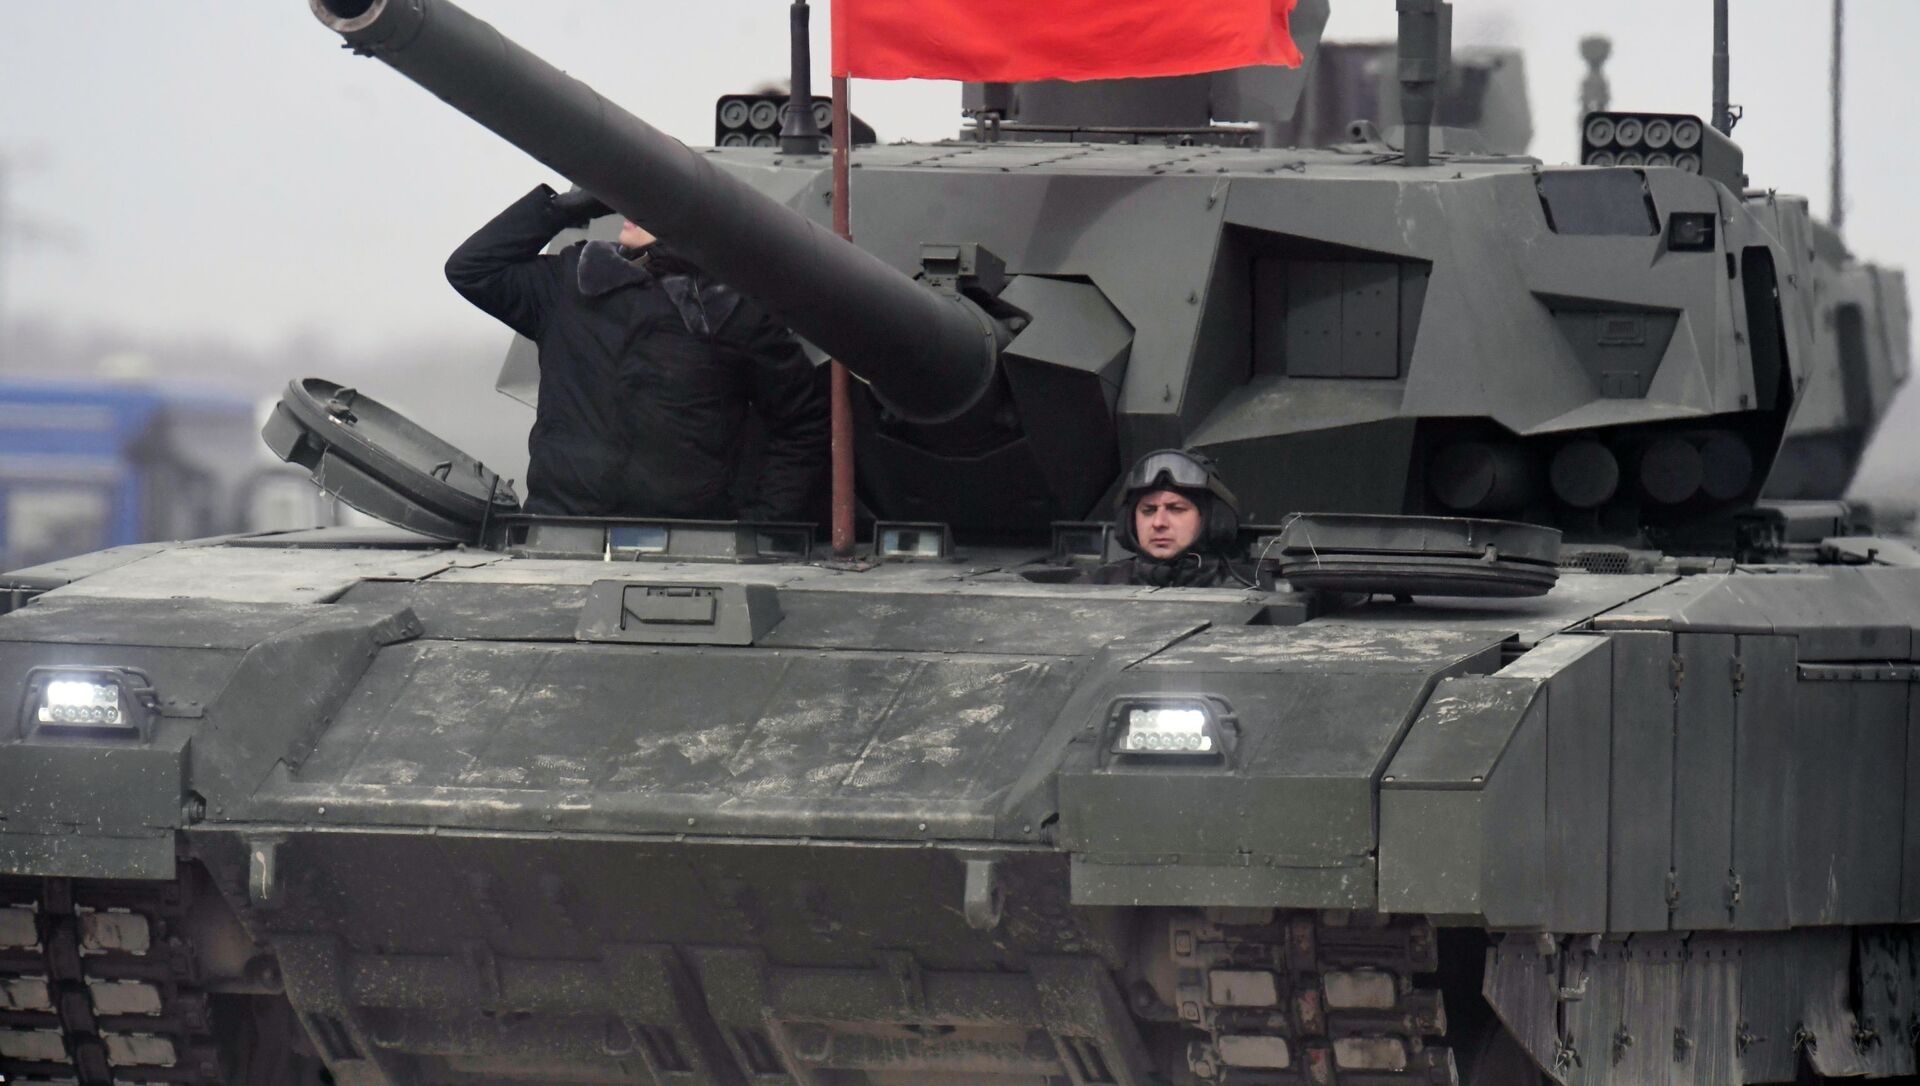 Танк Т-14 Армата во время репетиции парада Победы на полигоне в подмосковном Алабино - Sputnik Việt Nam, 1920, 10.08.2021